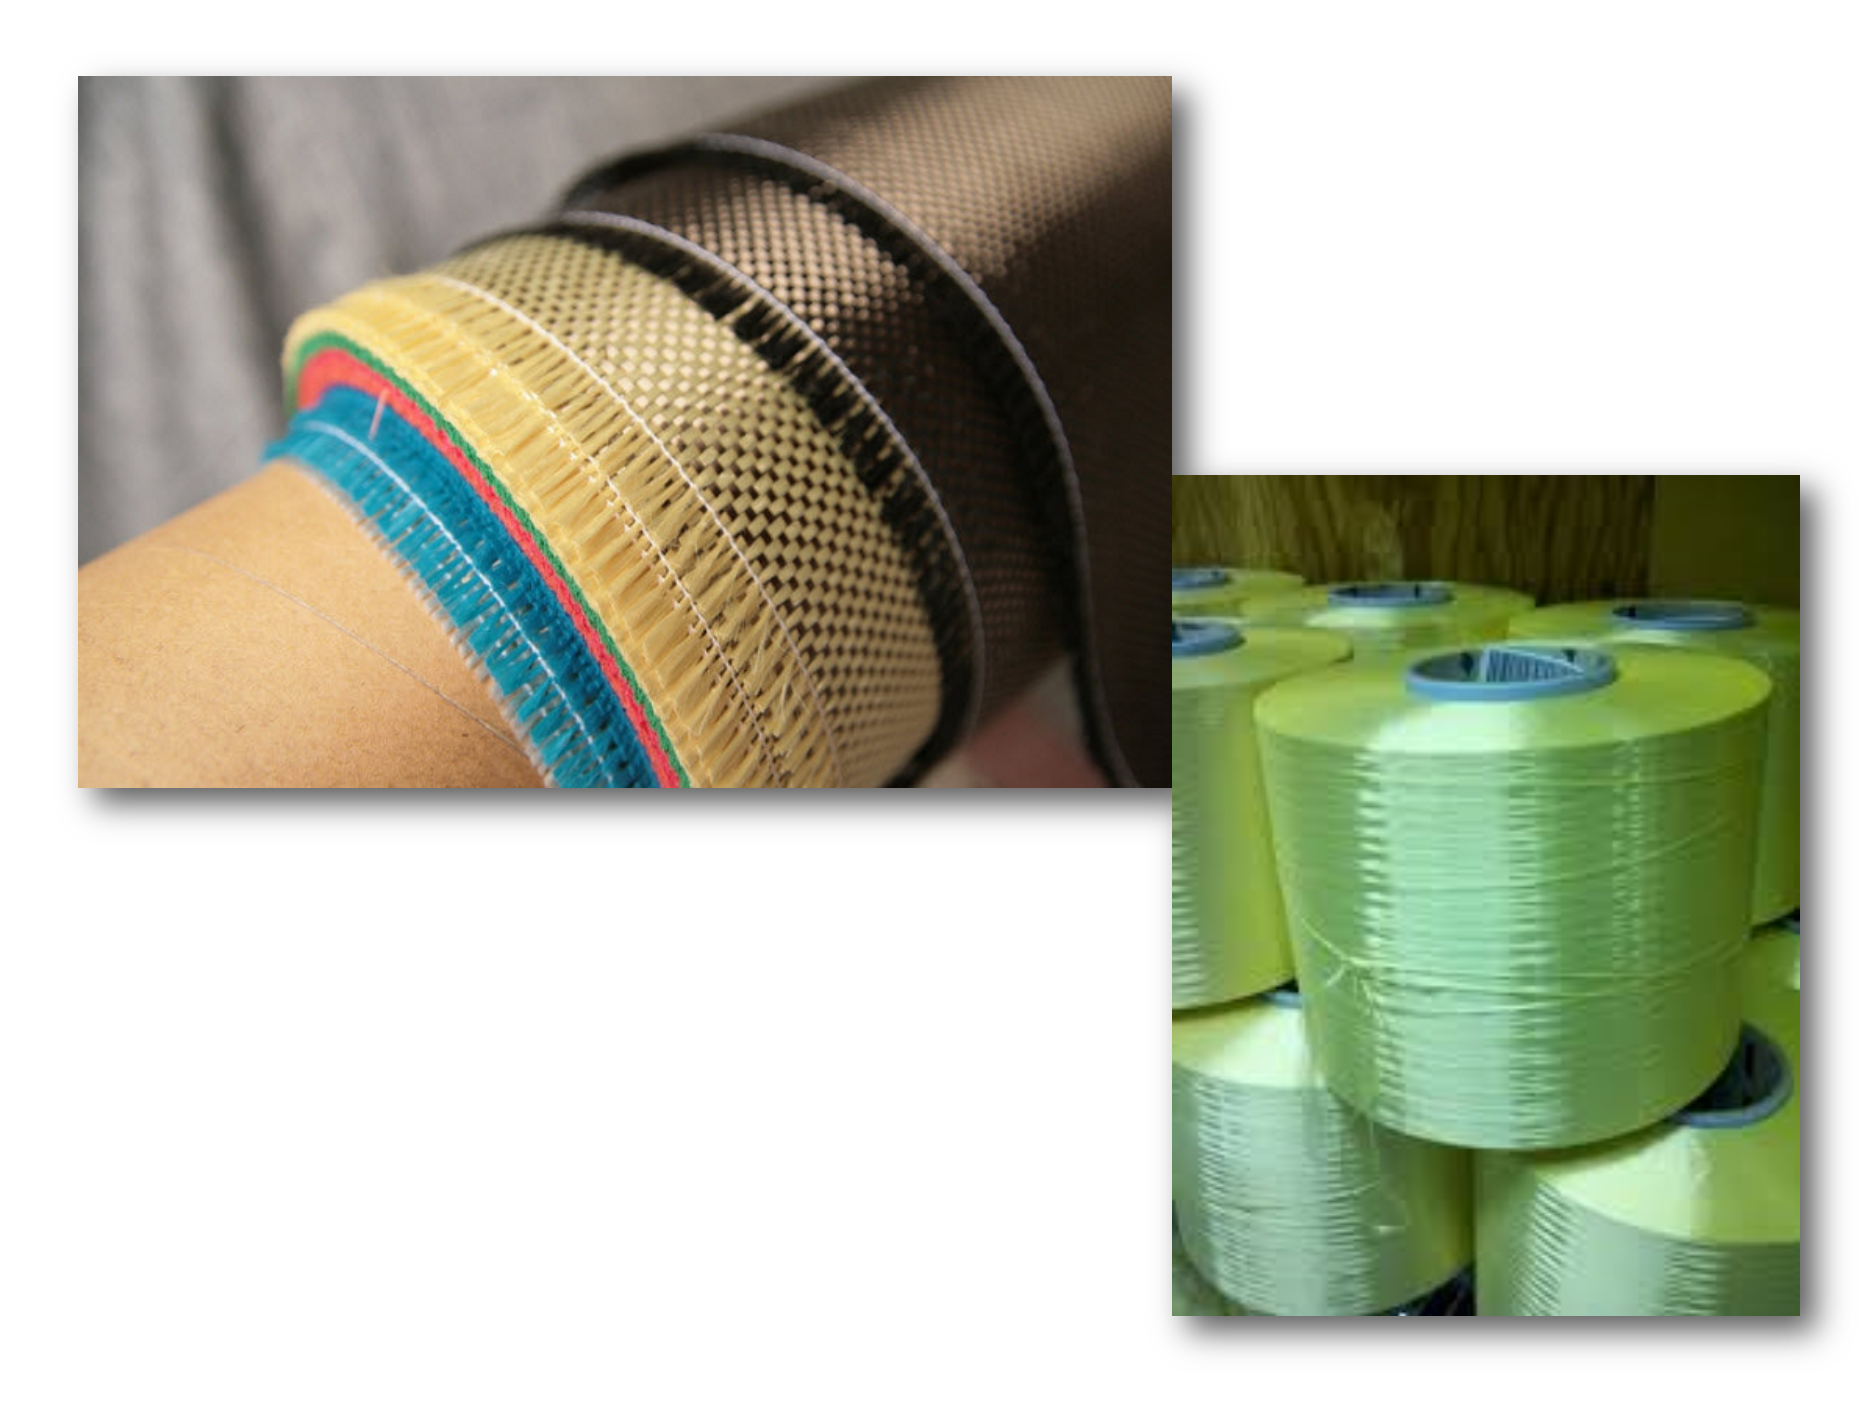 Aramid sheets - Aramid thread